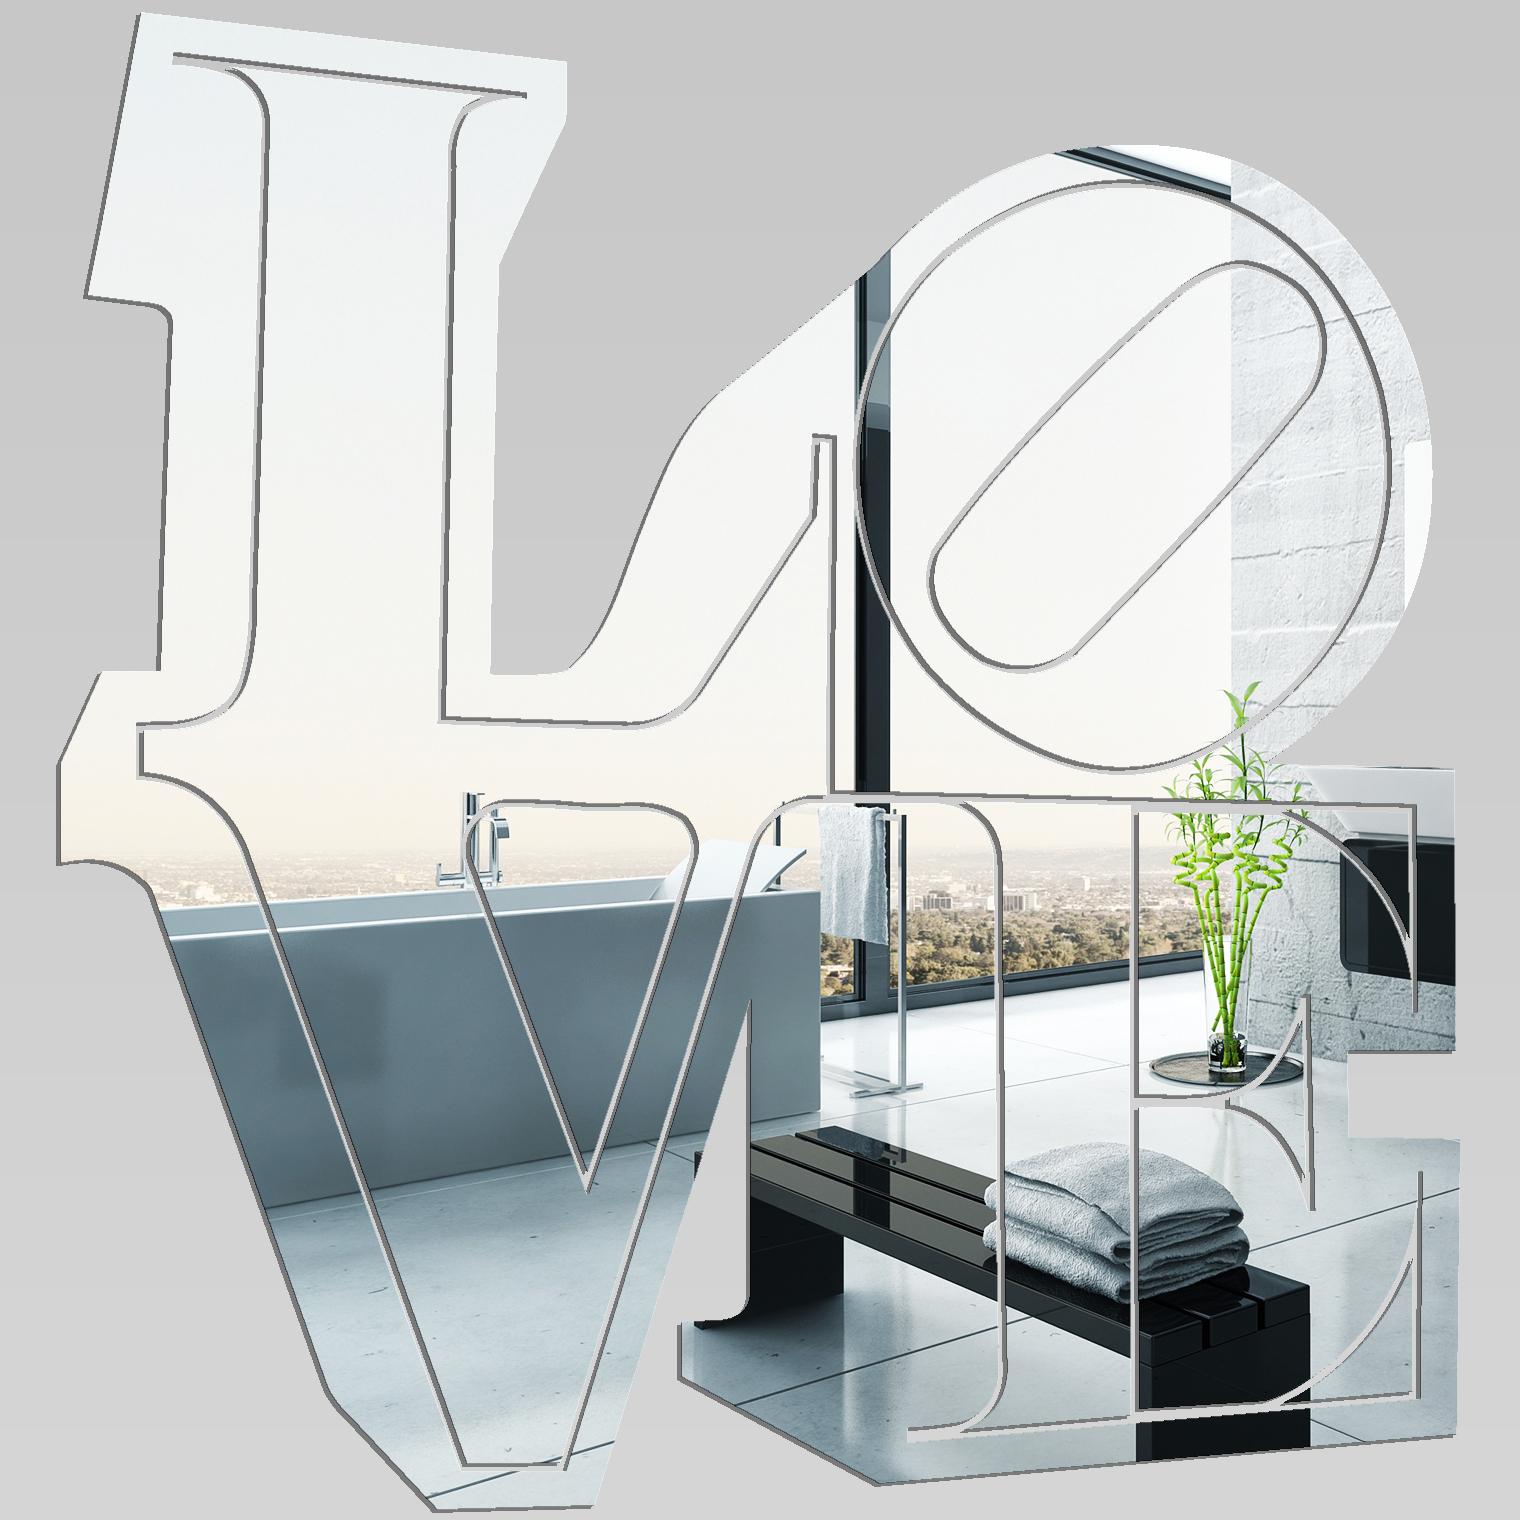 Miroir plexiglass acrylique love 1 pas cher for Miroir acrylique